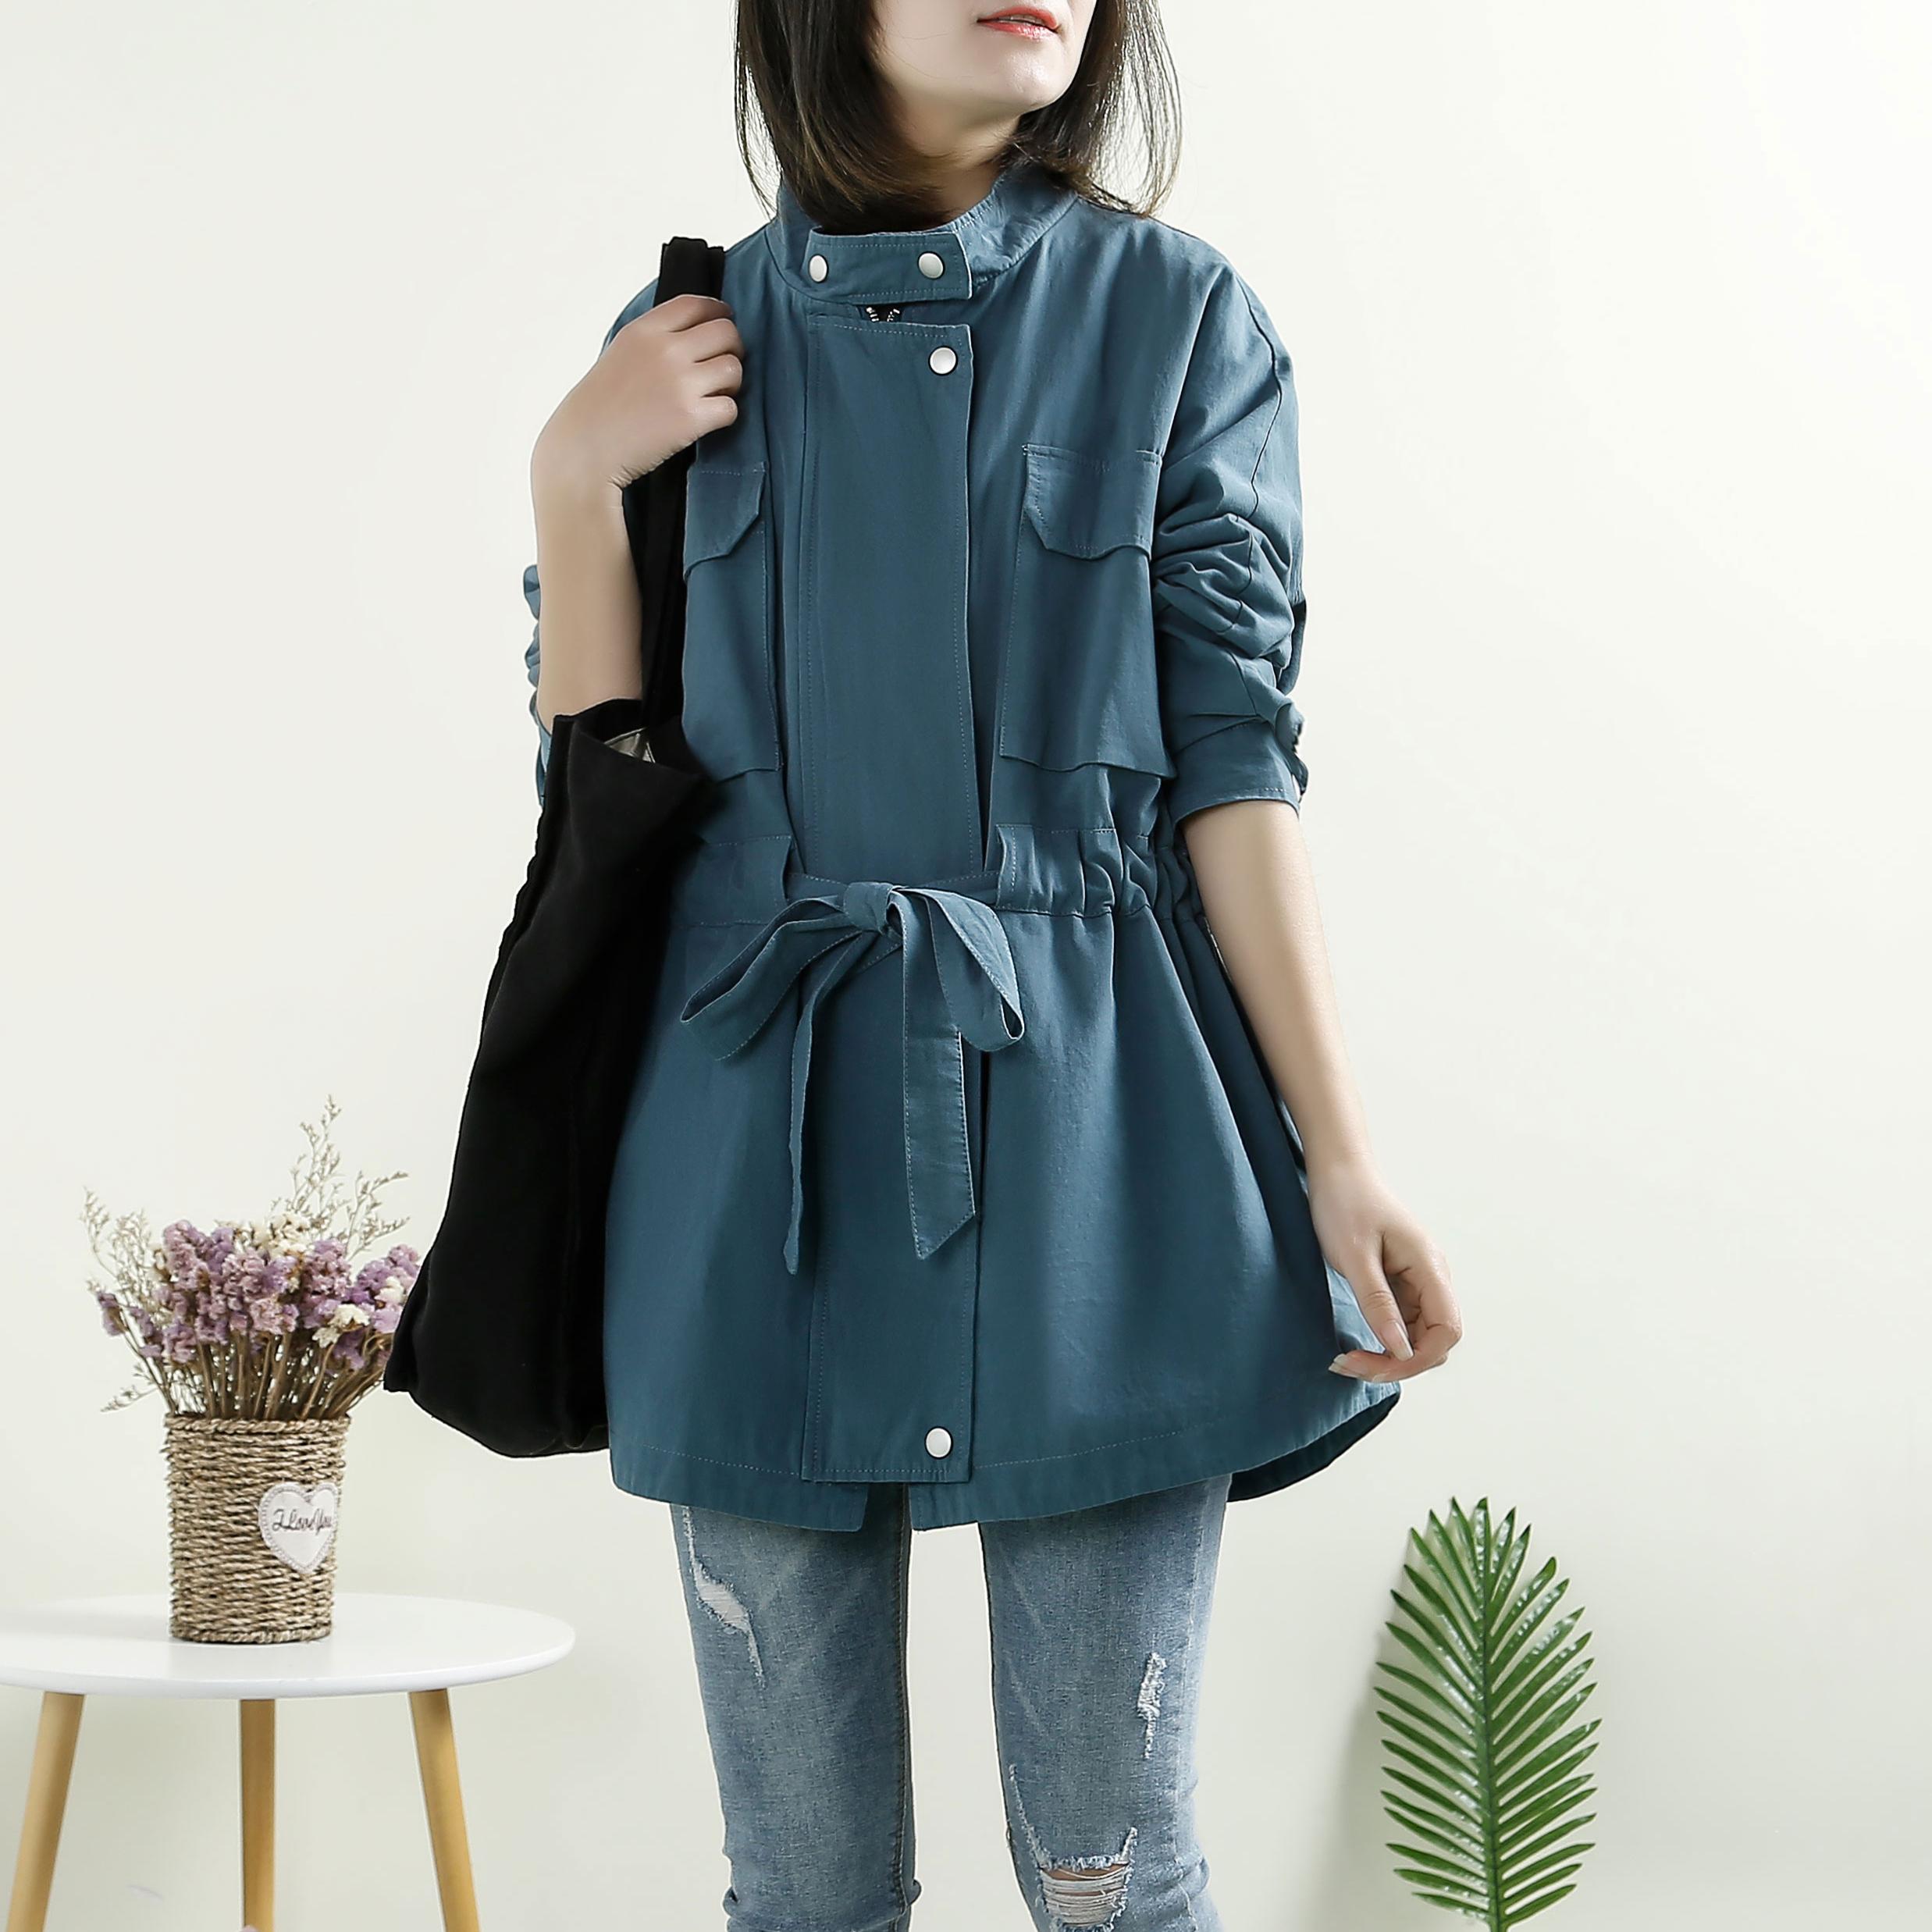 韩版系带收腰中长款风衣外套女春秋2021新款显瘦百搭小个子上衣潮